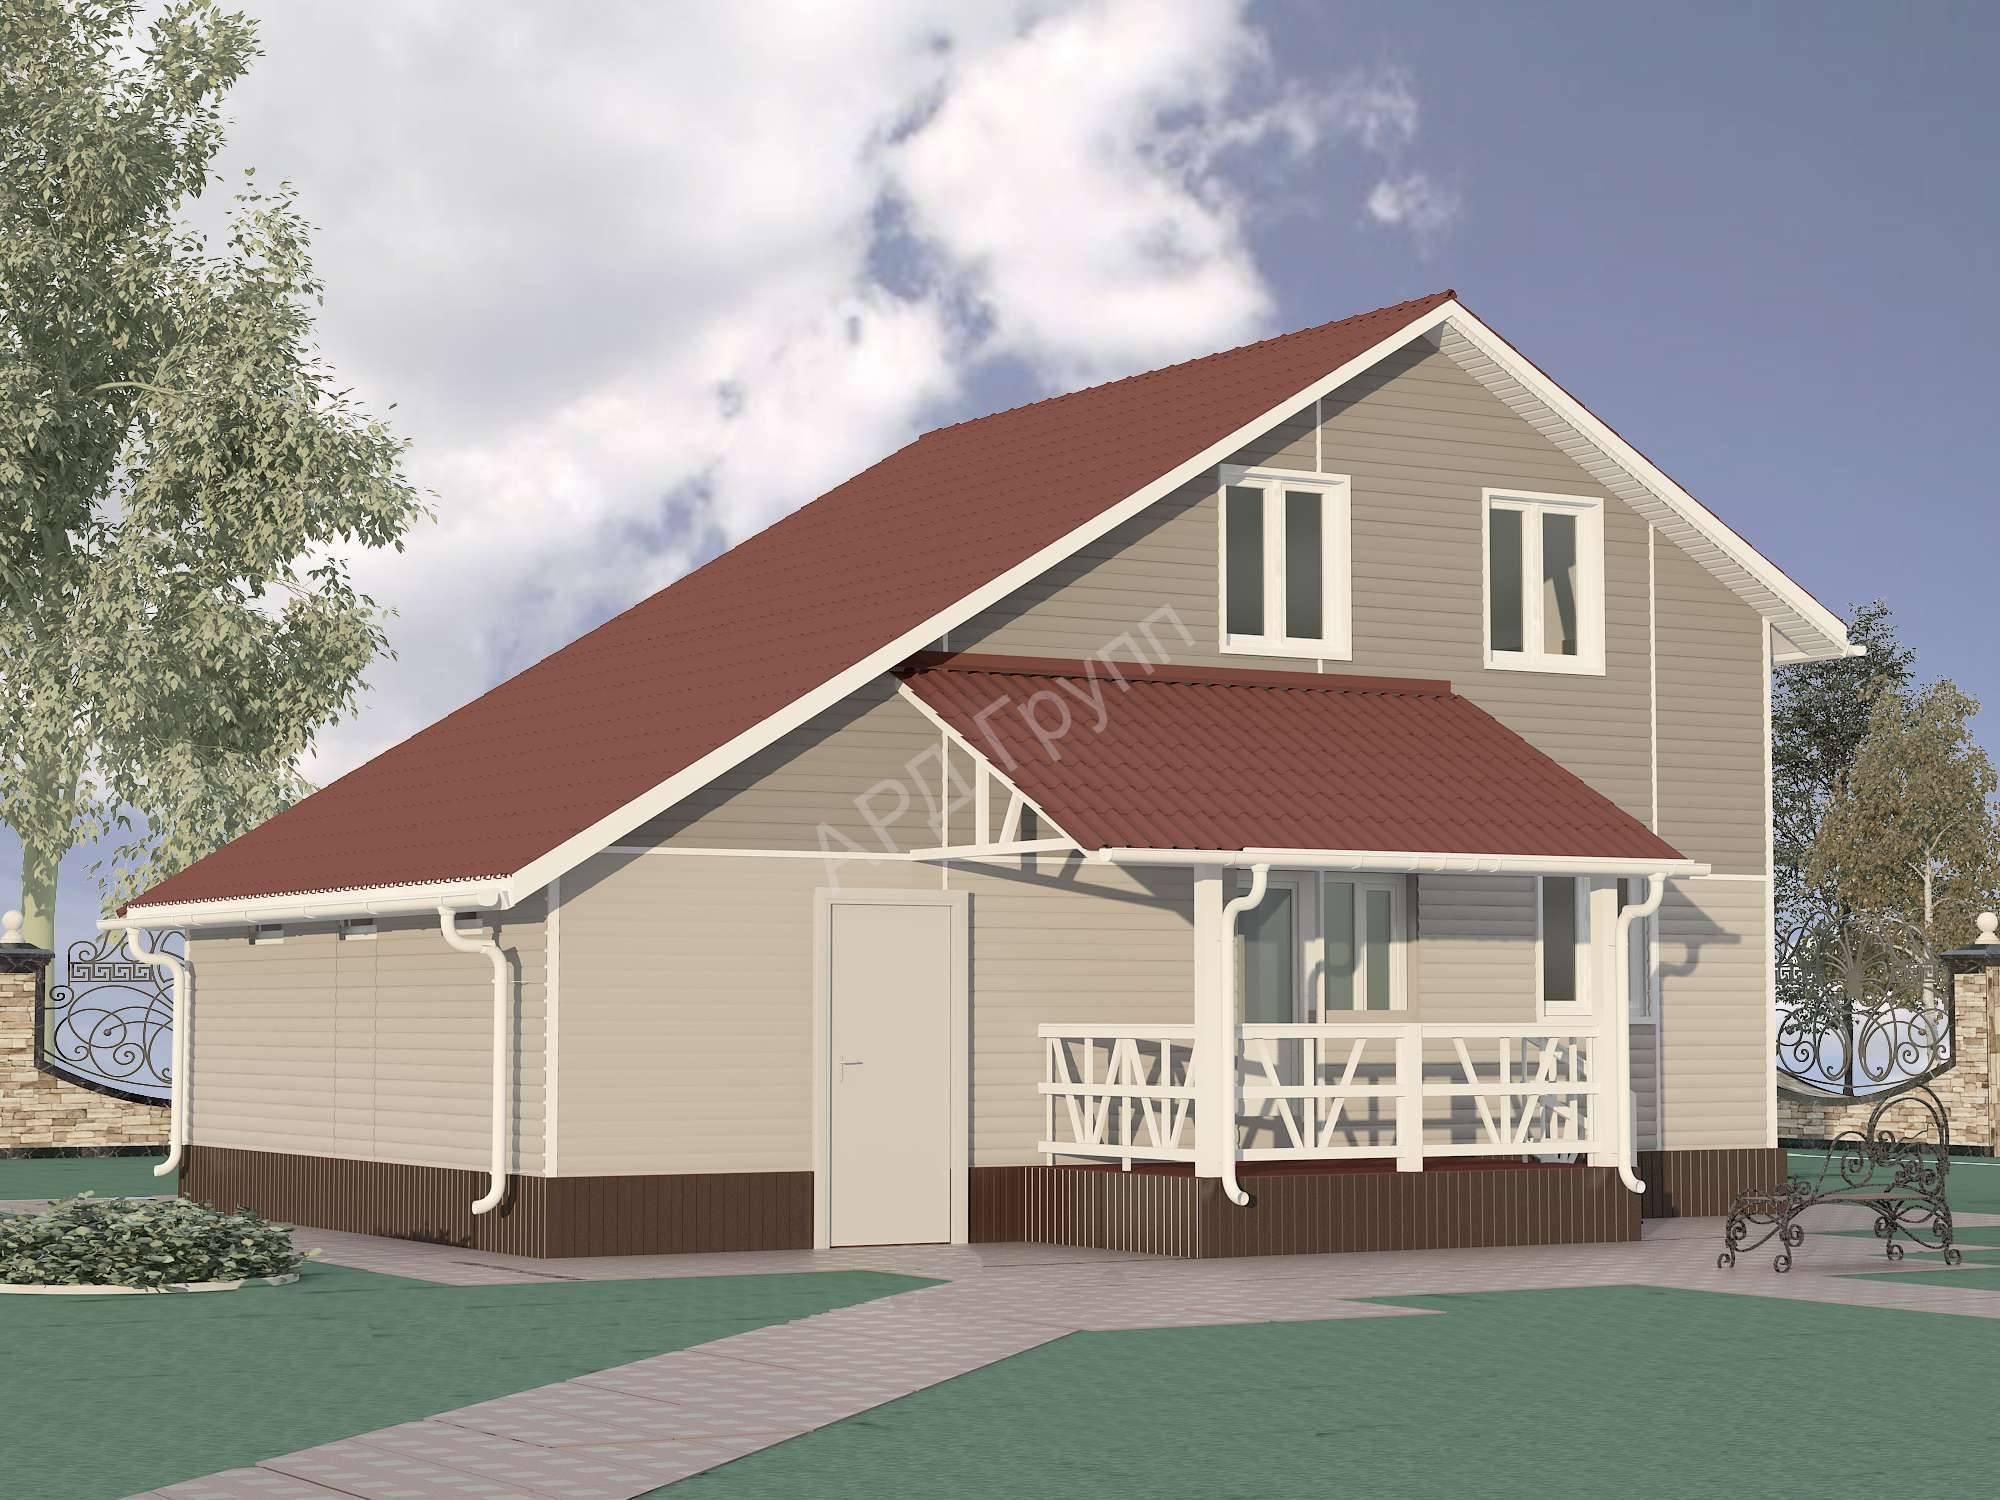 Делаем проект дома из сэндвич-панелей самостоятельно. особенности проектирования домов из sip-панелей